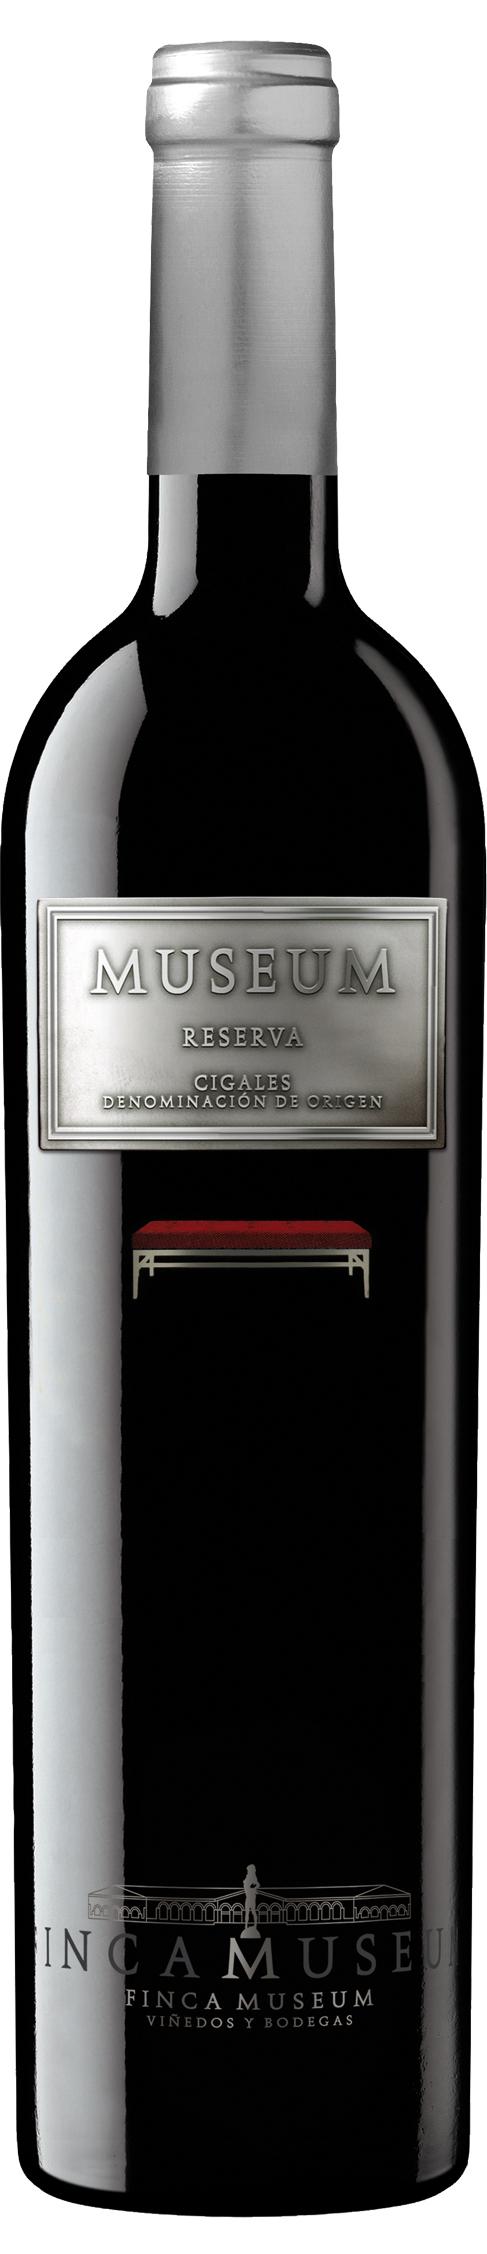 Finca Museum Museum Real Reserva, Cigales